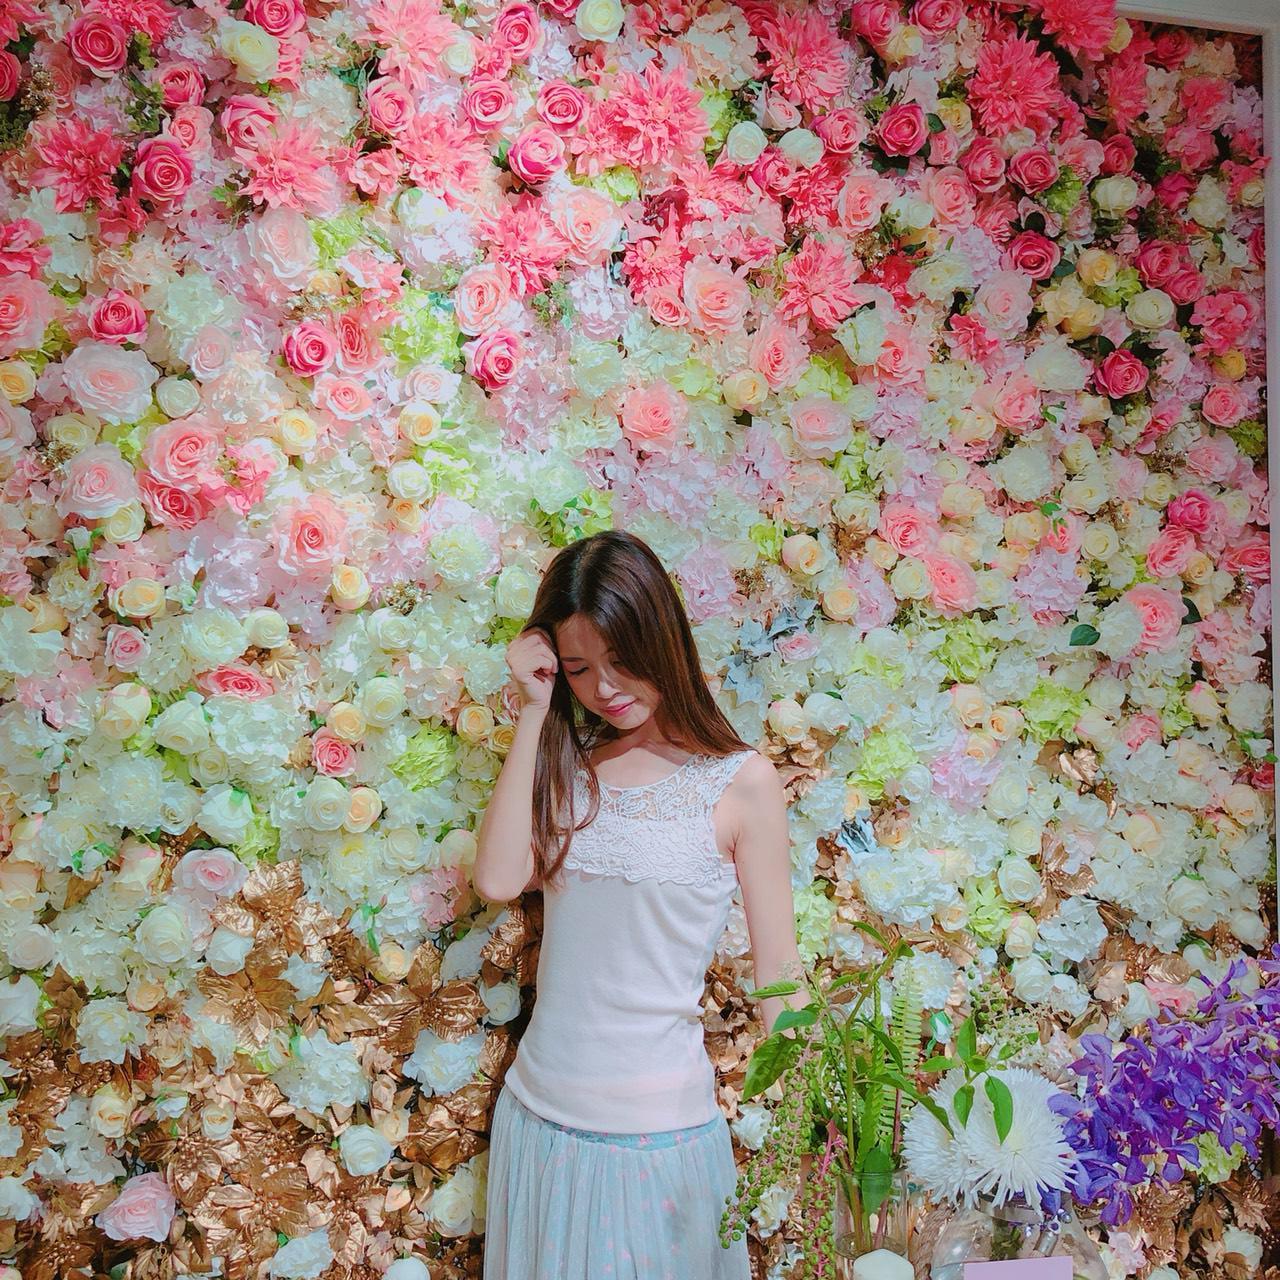 [高雄]棉花糖花藝·甜點·下午茶-旋轉木馬與花藝的極致夢幻空間!IG網美打卡必來 @美食好芃友